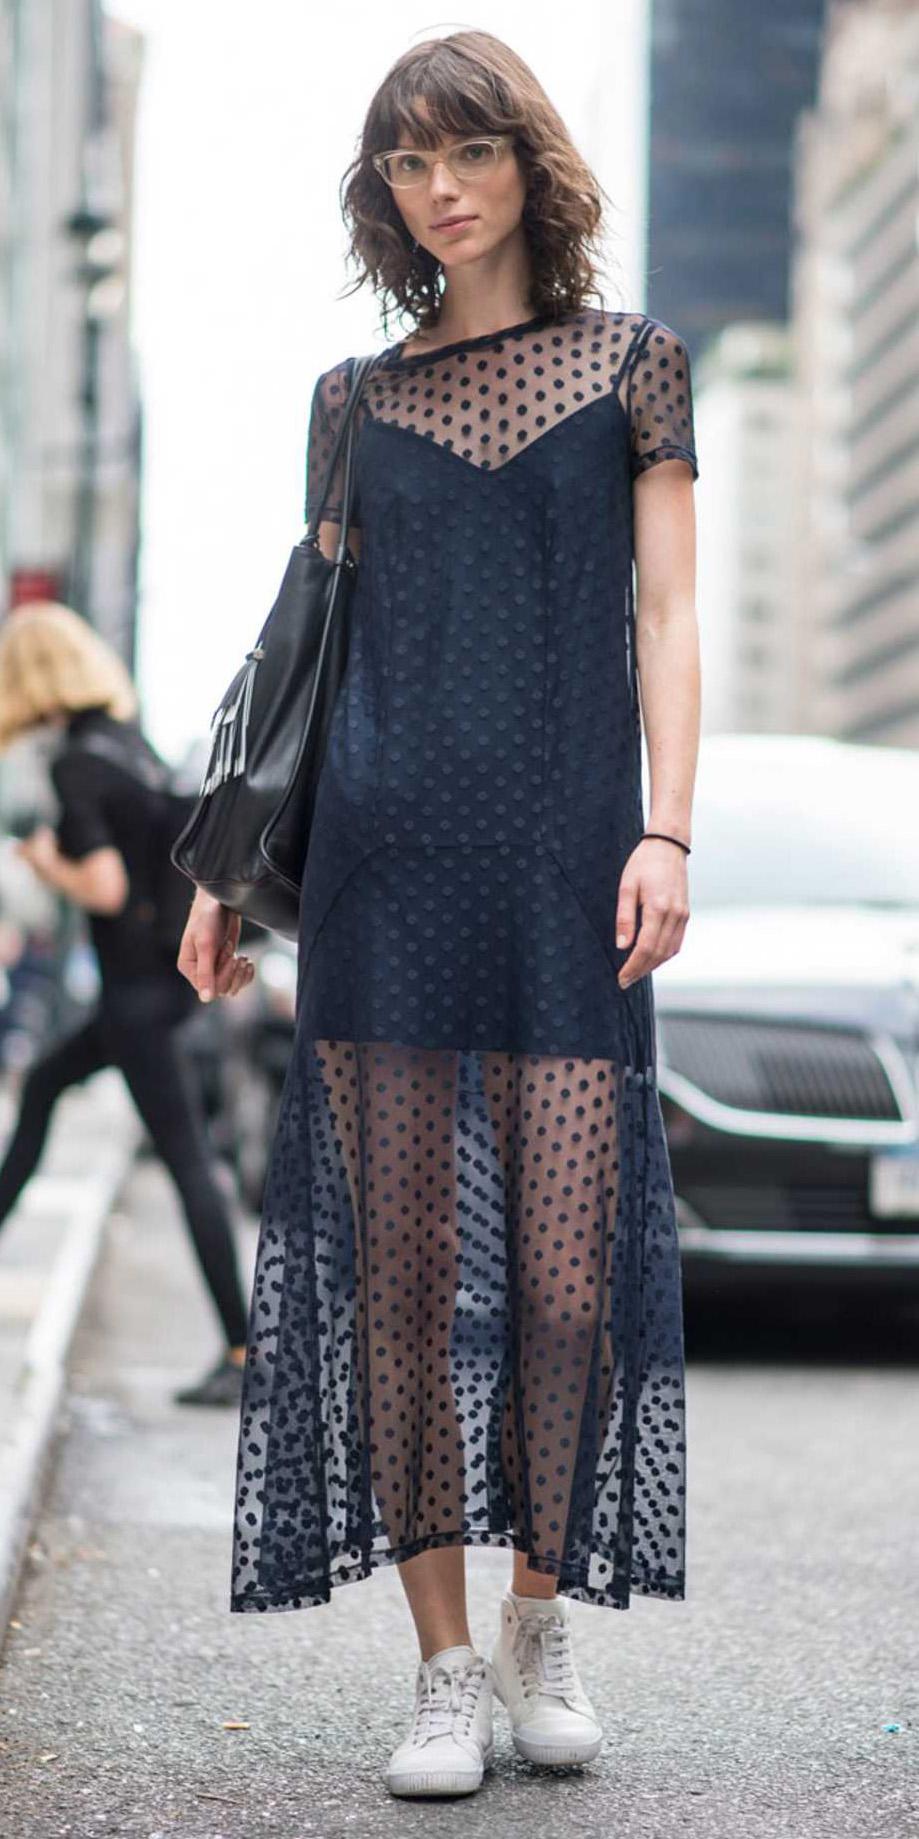 black-dress-slip-layer-maxi-white-shoe-sneakers-sheer-howtowear-spring-summer-hairr-weekend.jpg